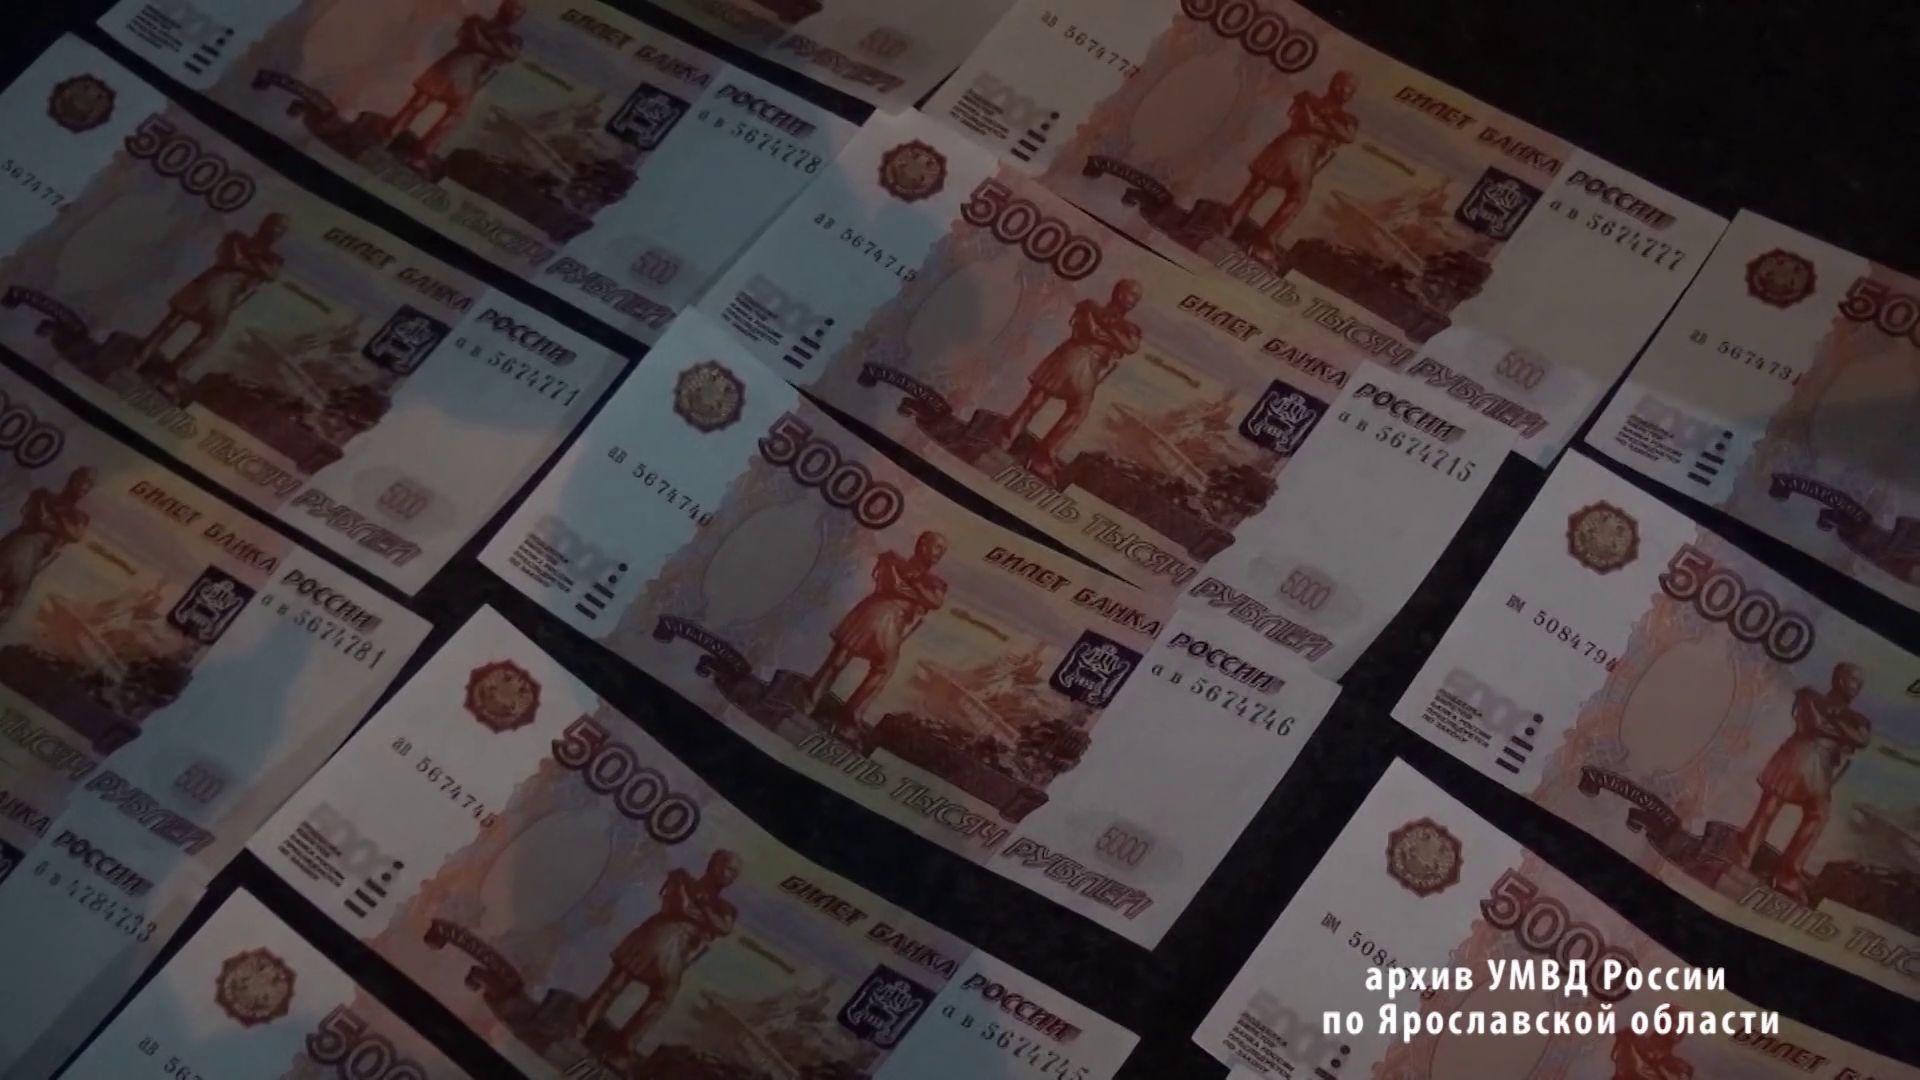 В Ярославле полицейские задержали питерцев с поддельными пятитысячными купюрами